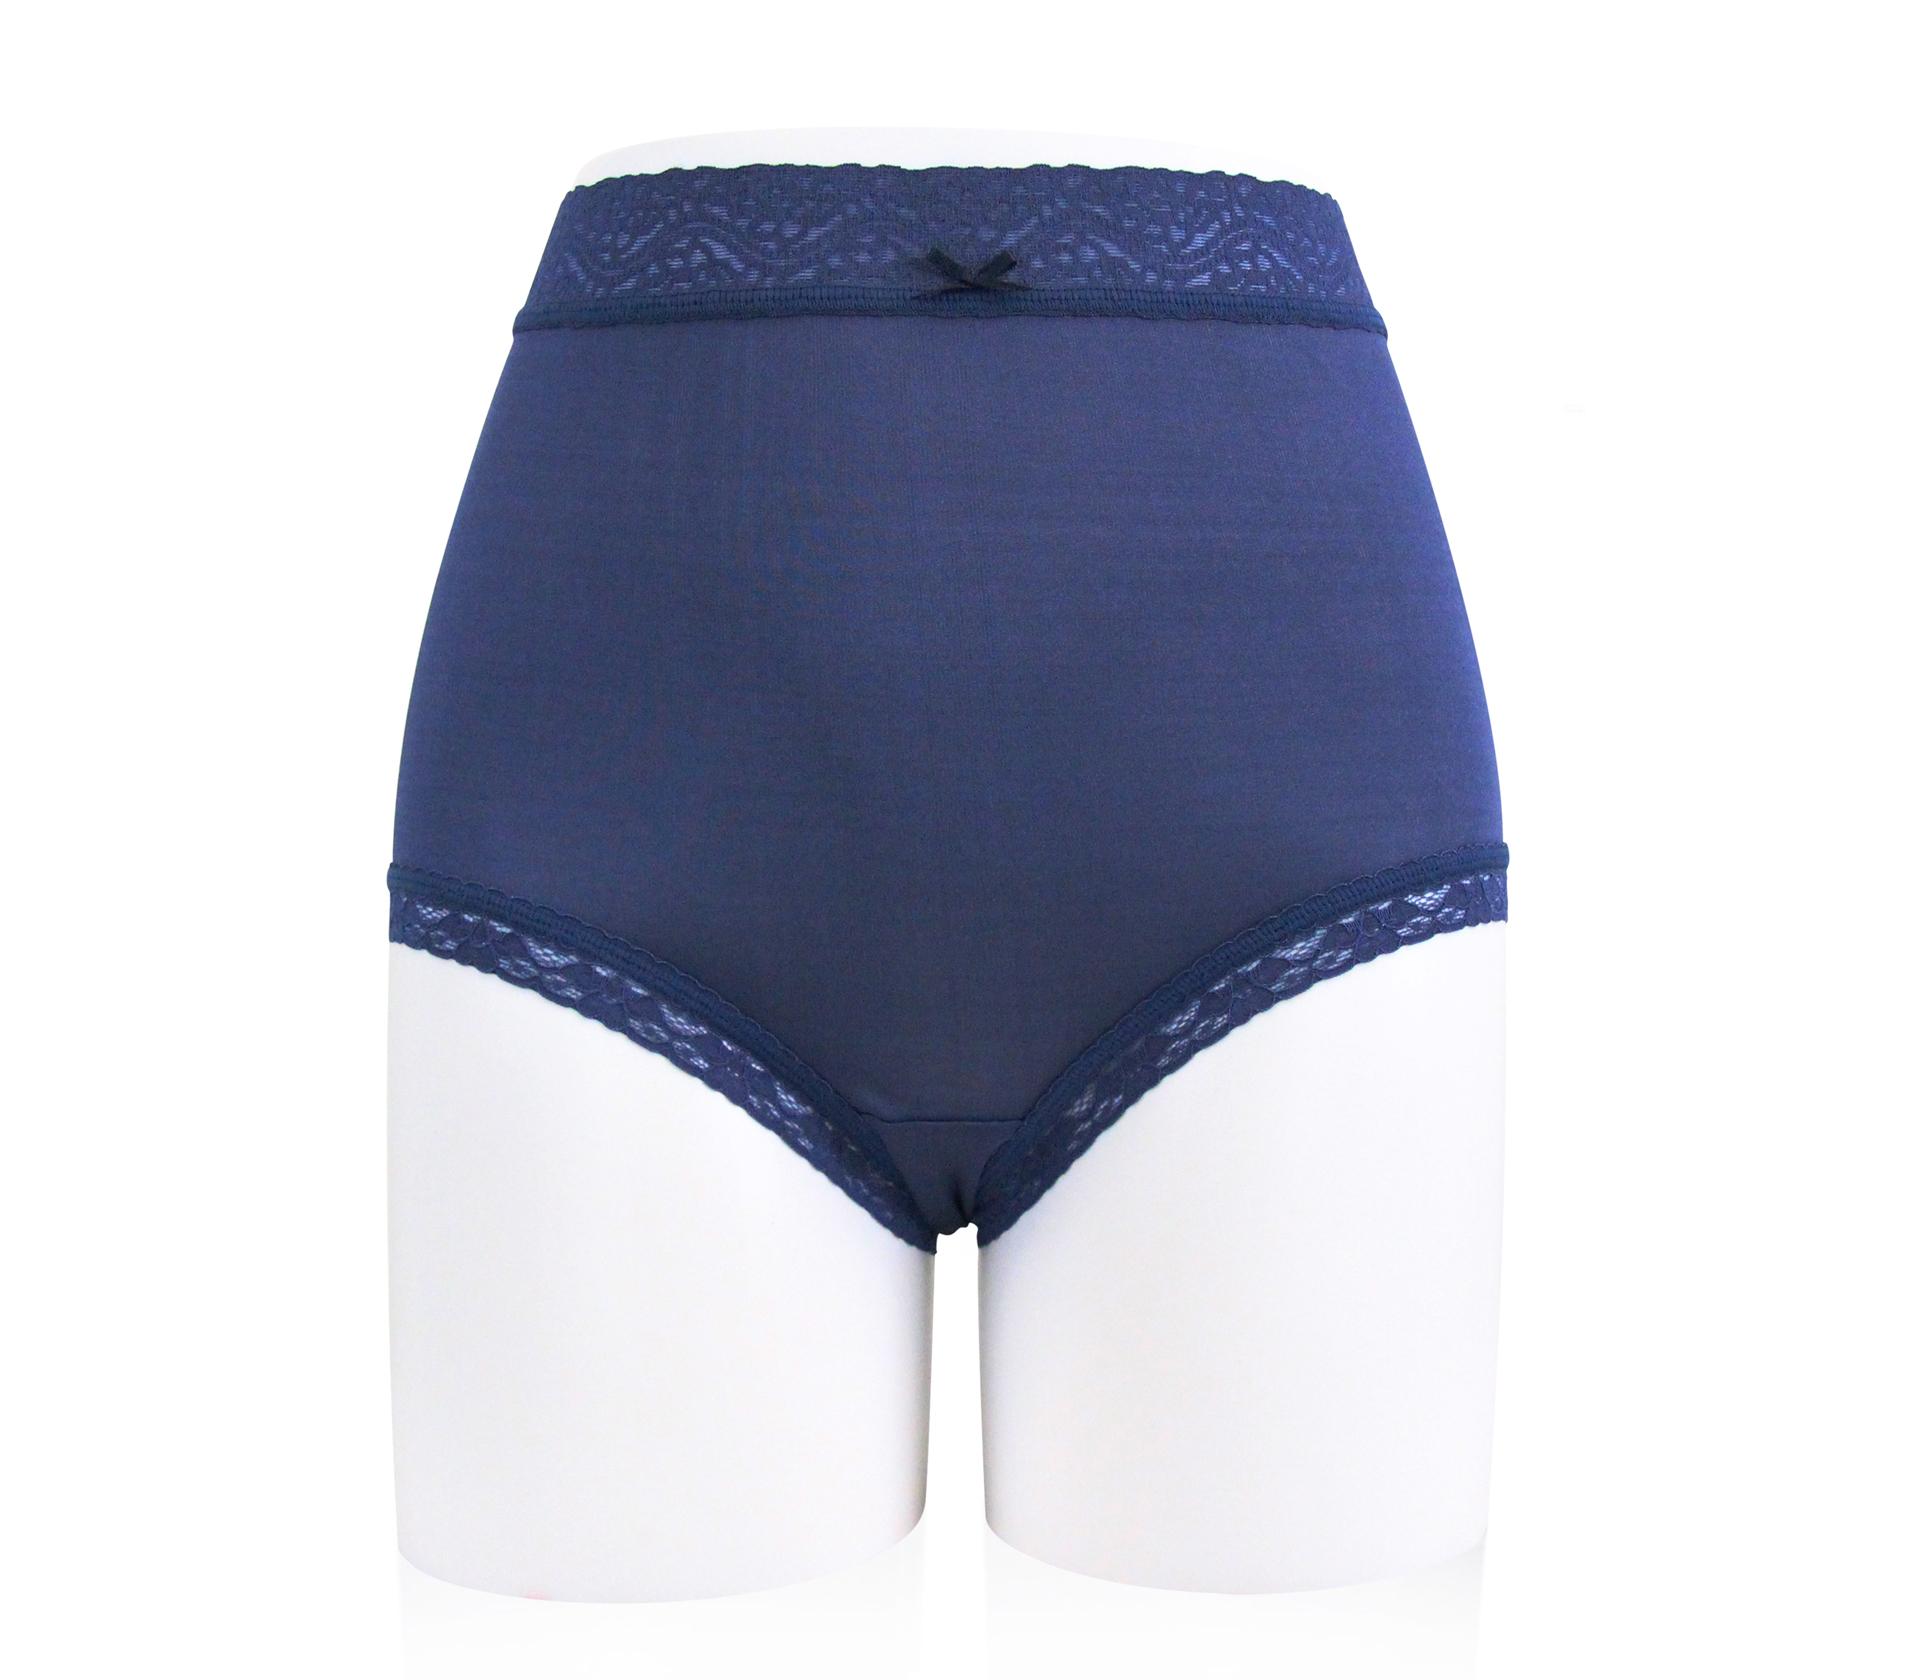 闕蘭絹42針高腰親膚包臀100%蠶絲內褲 - 88427 (深藍色)